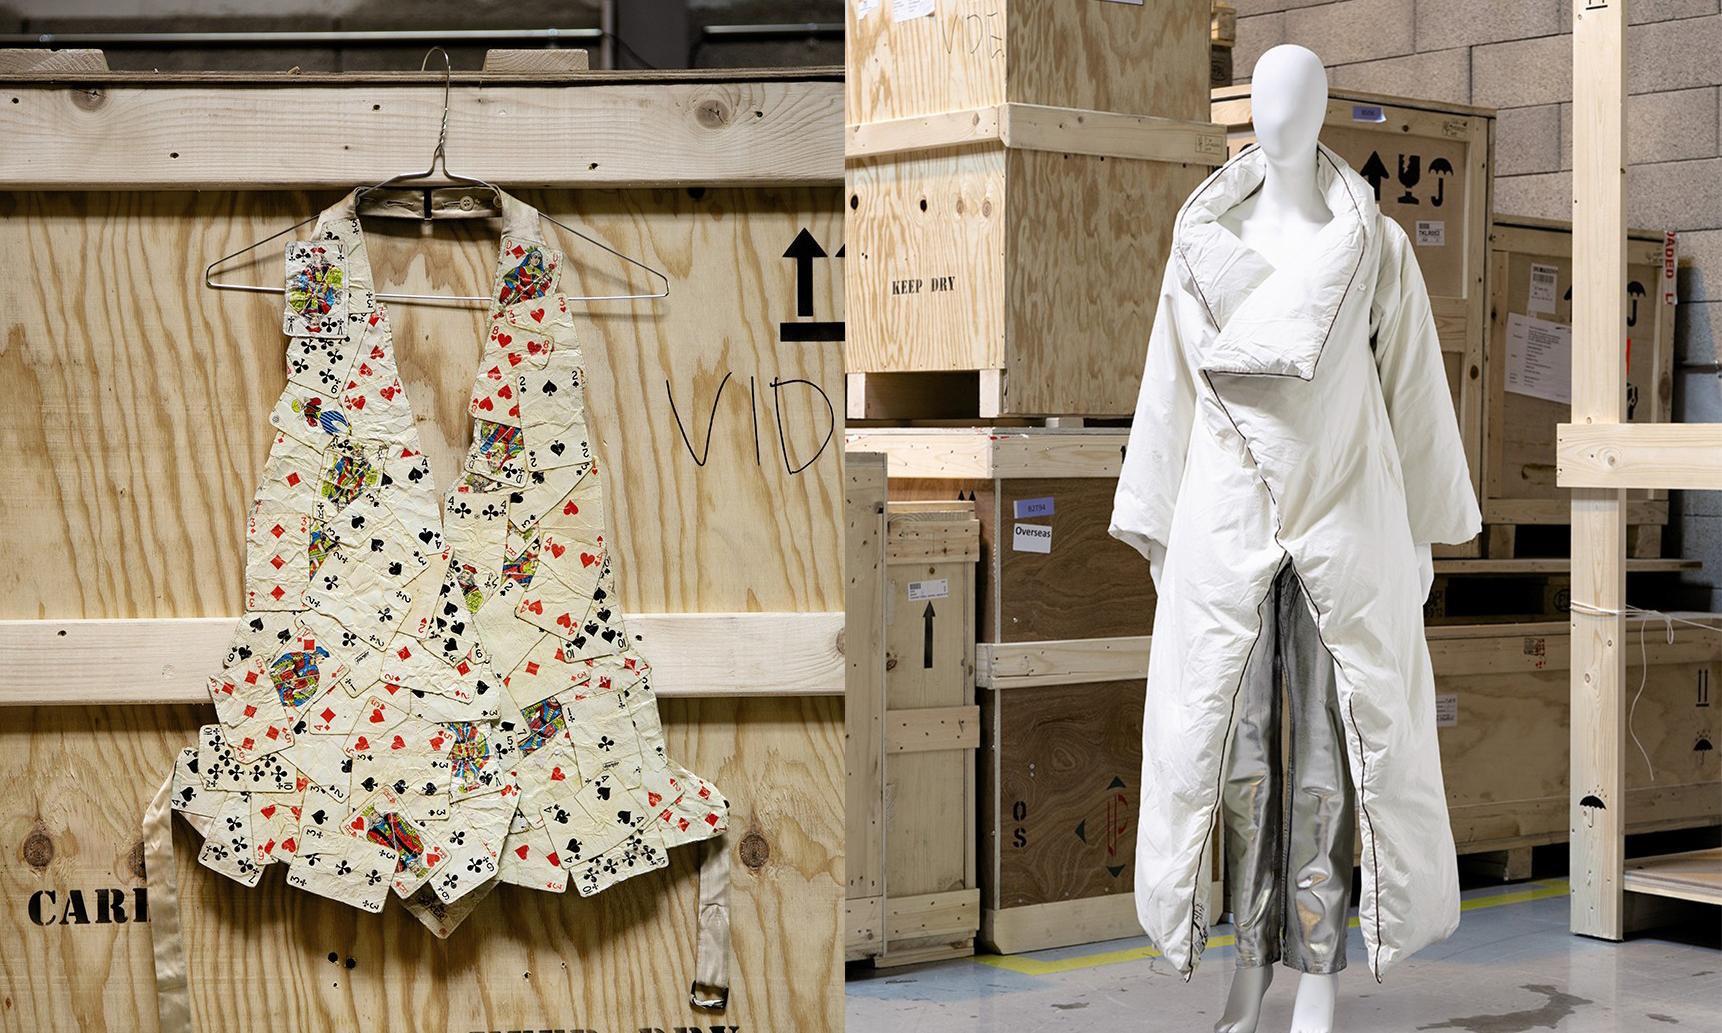 苏富比将拍卖 220 件 Martin Margiela 的过往作品